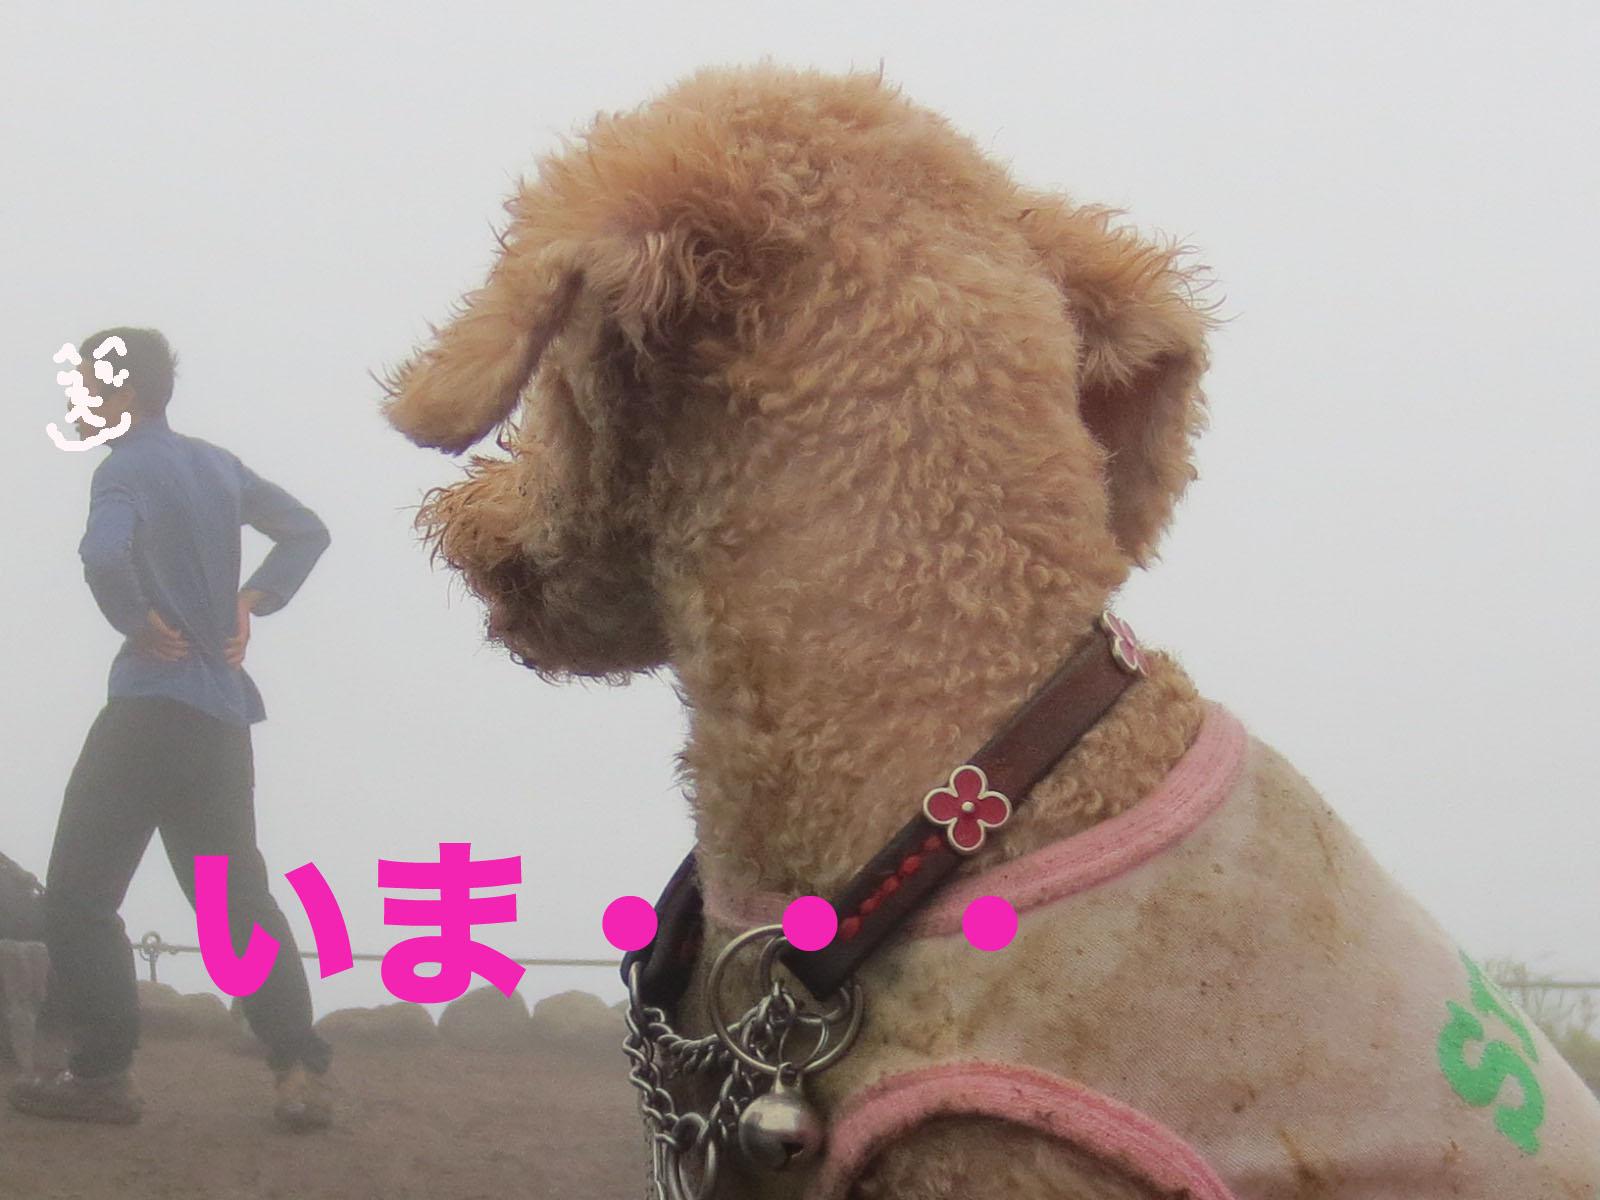 箱根・明神ヶ岳を登って来ました〜_a0109467_22395611.jpg